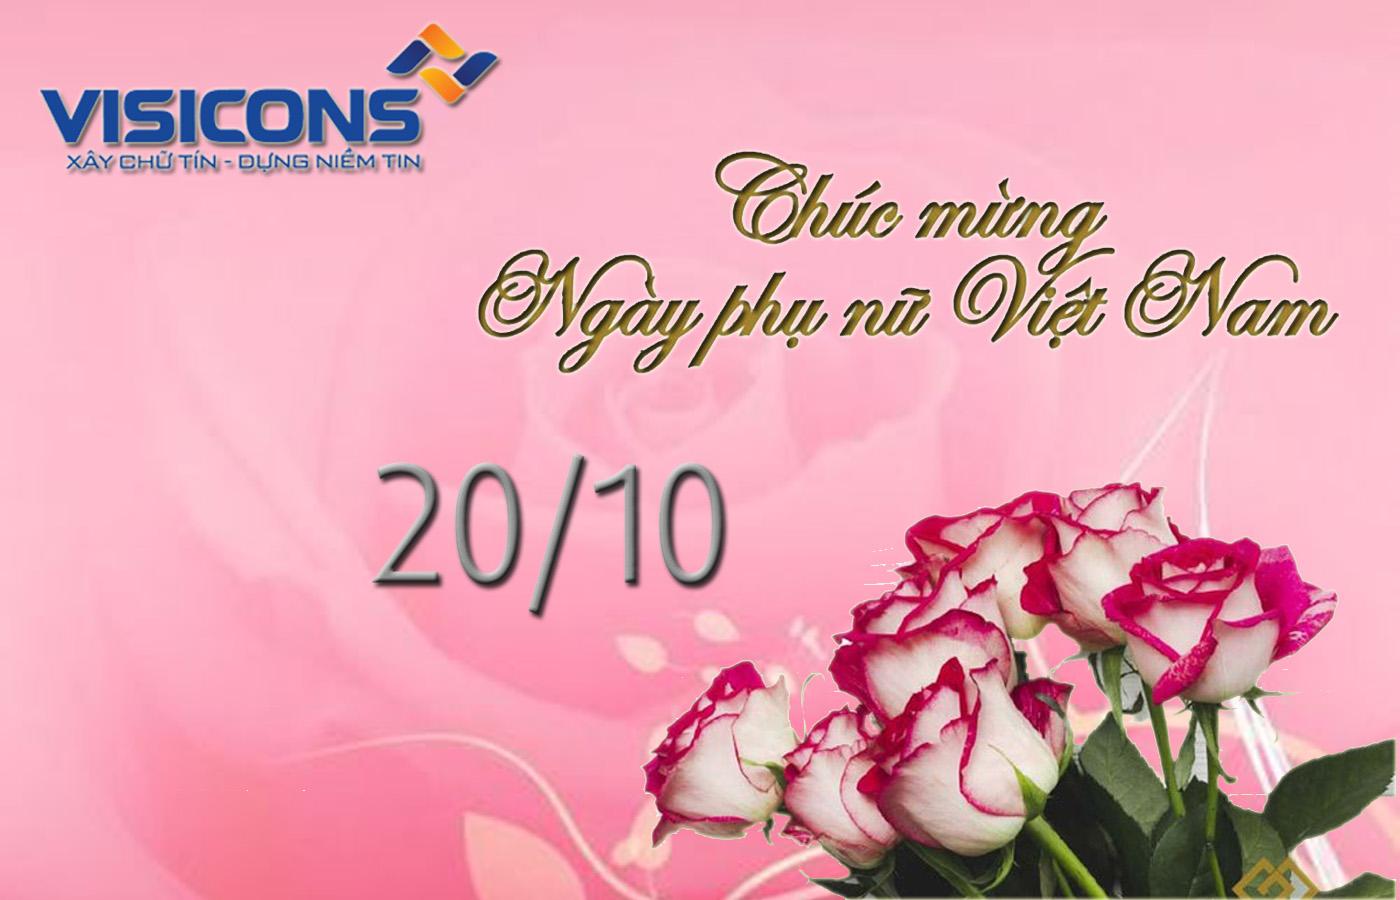 Hoạt động kỷ niệm ngày phụ nữ Việt Nam 20/10 của CBNV nữ Visicons